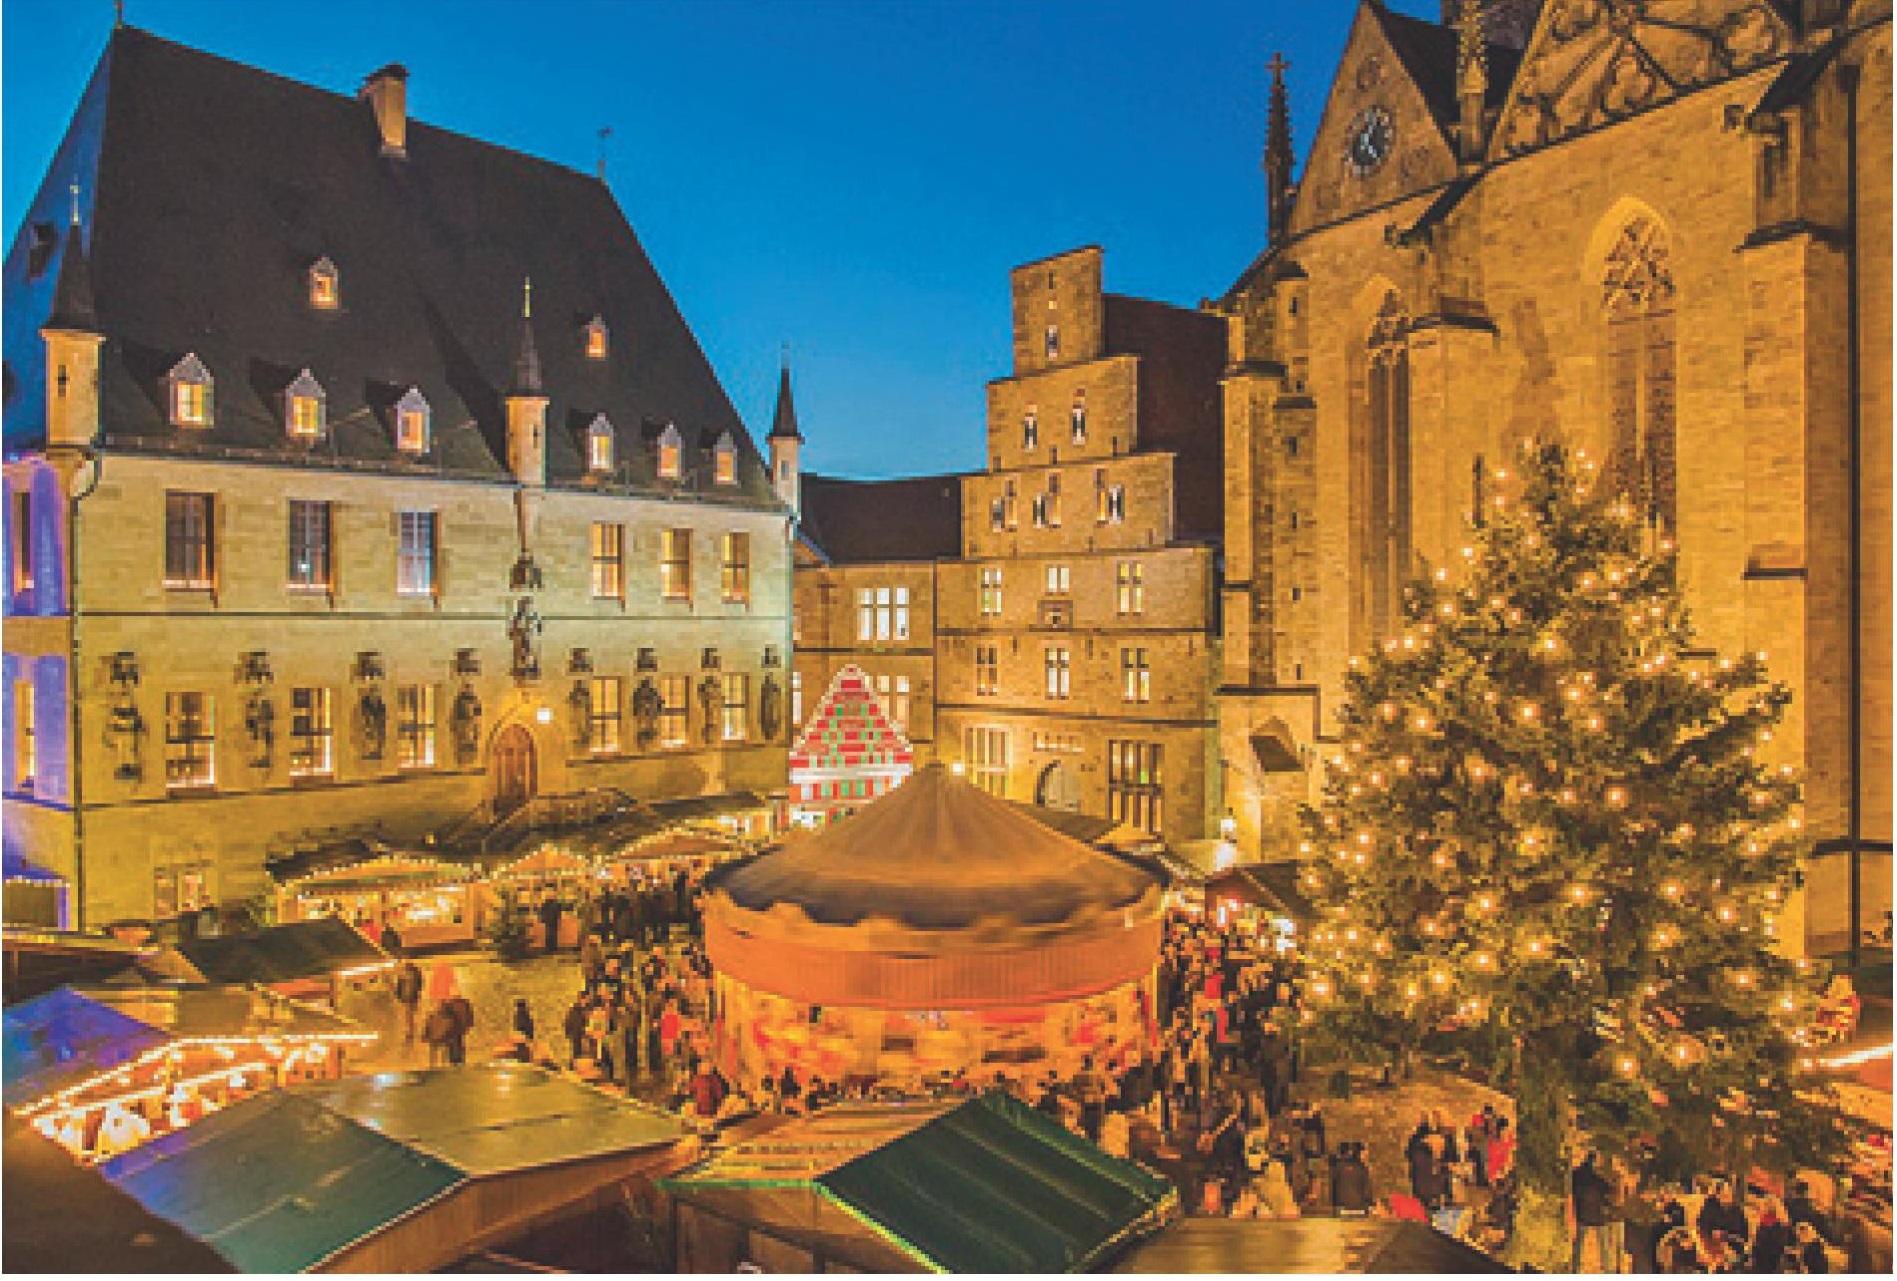 Weihnachtsmarkt Osnabrück.Friedensstadt Osnabrück Gruppenhandbuch De Gruppenreise